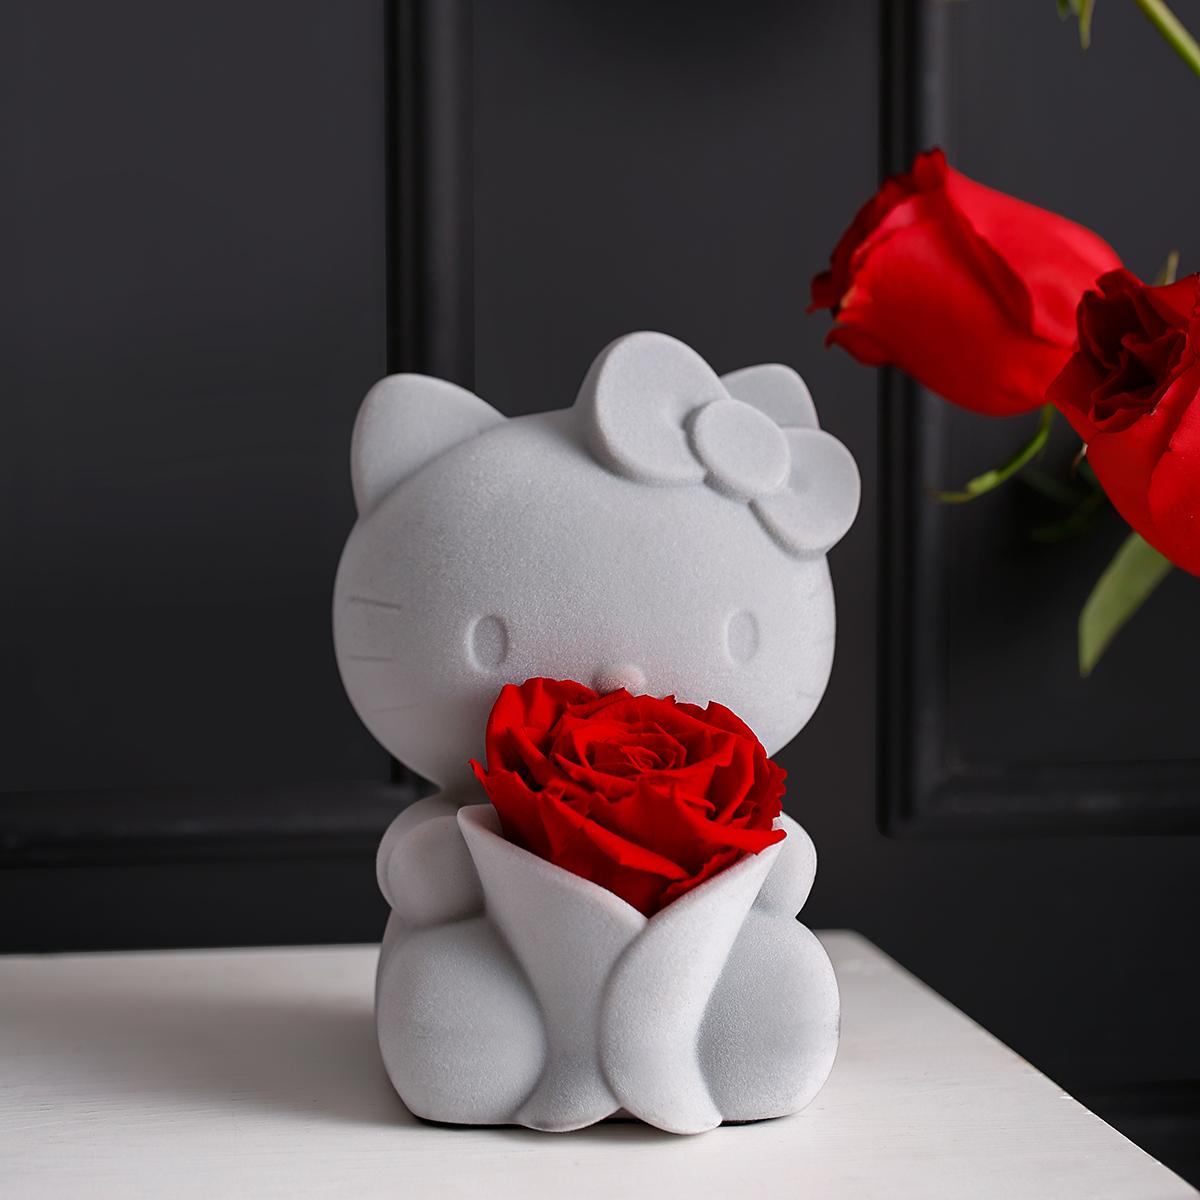 音乐盒永生花玫瑰八音盒女生老婆女友闺蜜生日创意礼物 HelloKitty